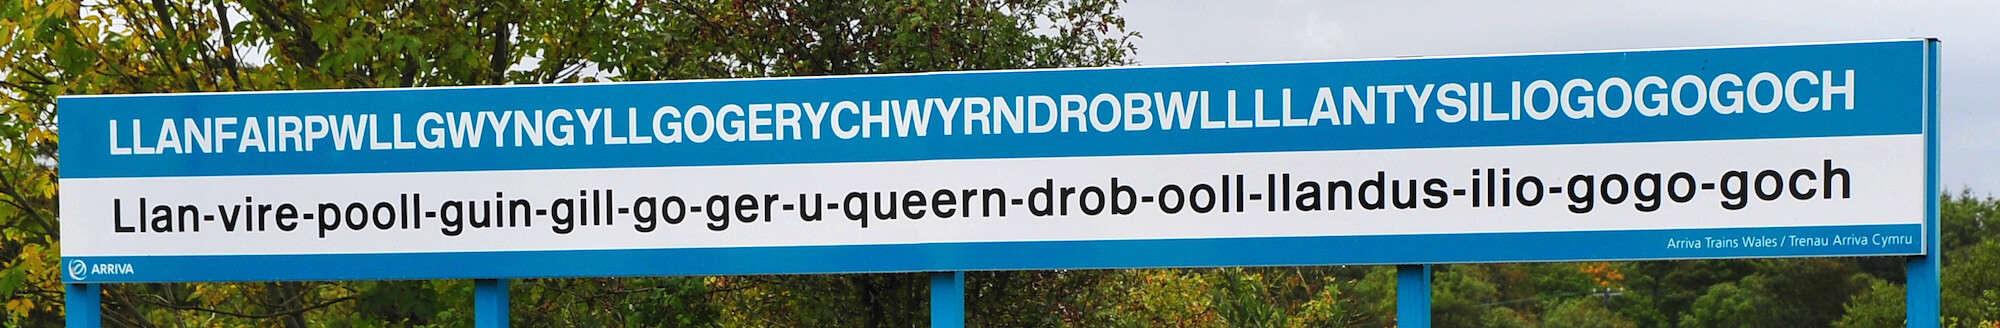 Walking Holidays in Wales - Llanfairpwllgwyngyllgogerychwyrndrobwllllantysiliogogogoch